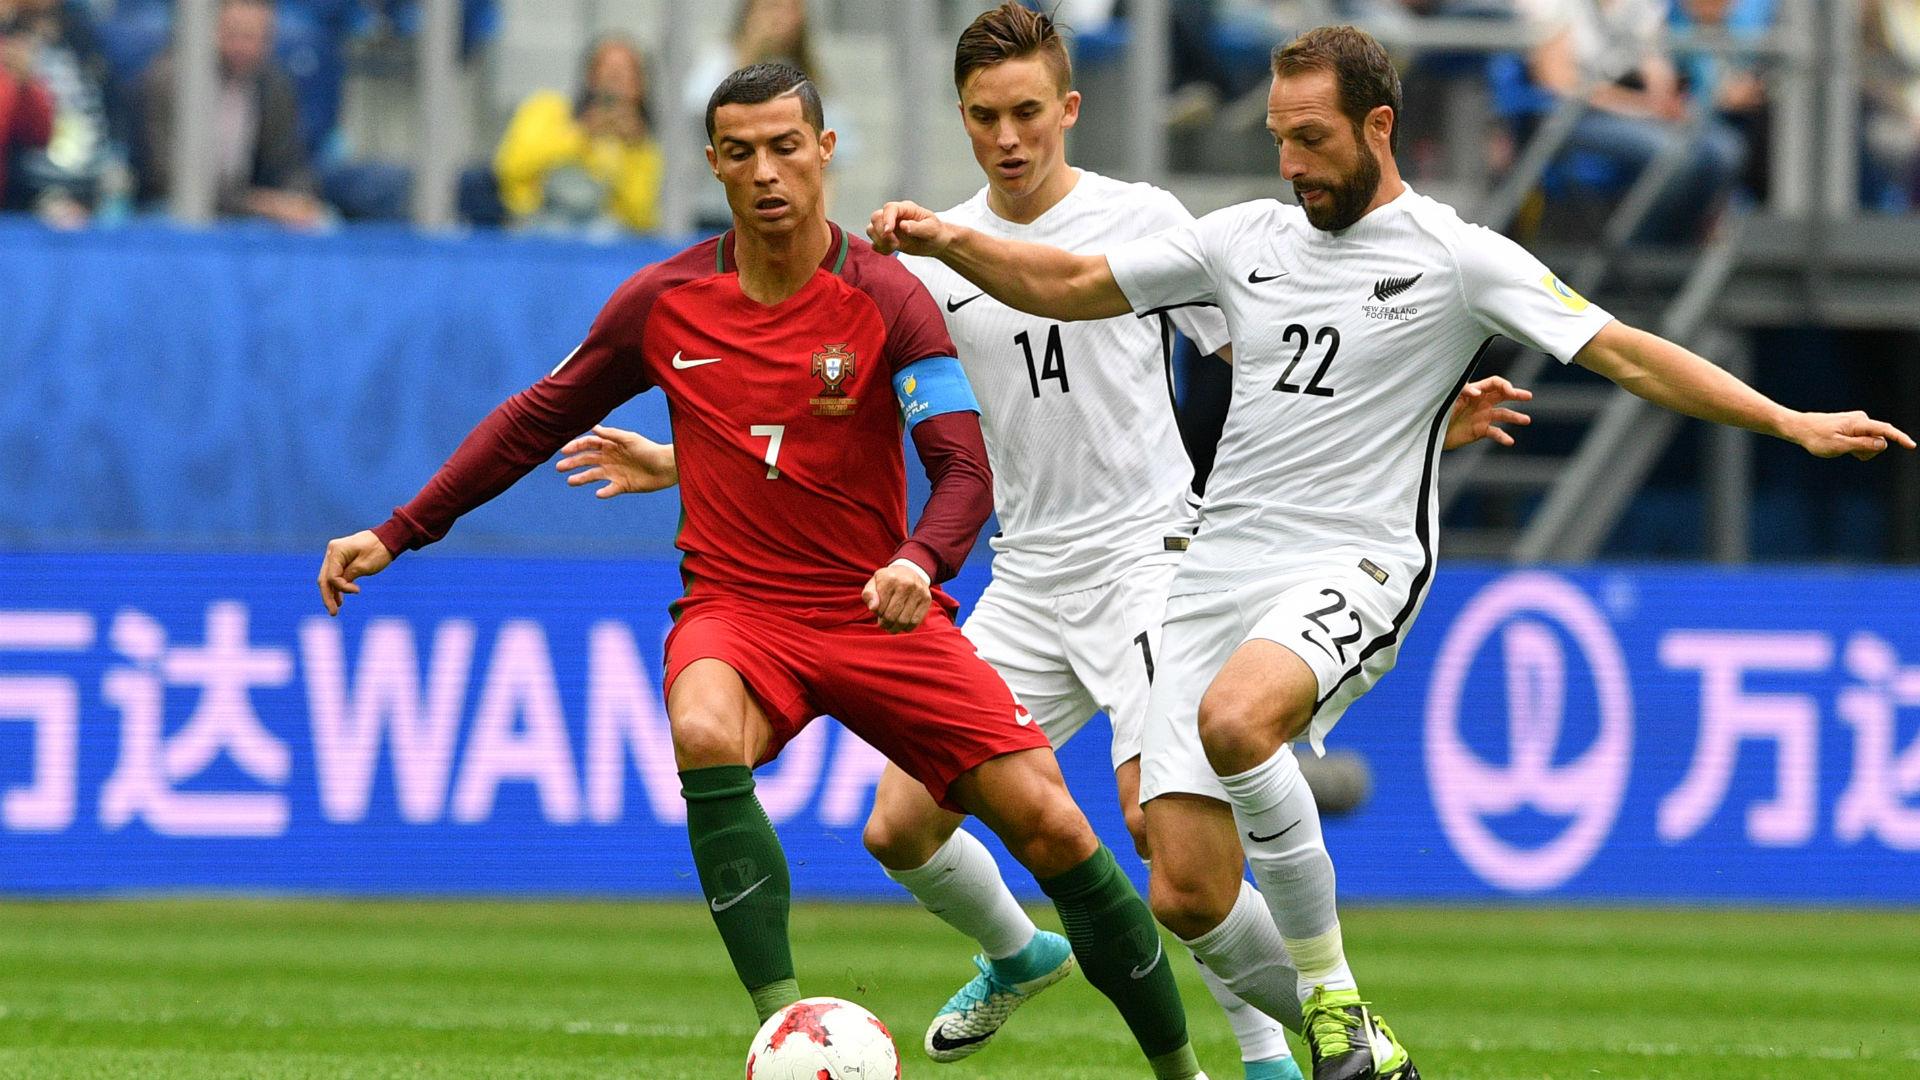 Del Piero chiama Cristiano Ronaldo alla Juventus: